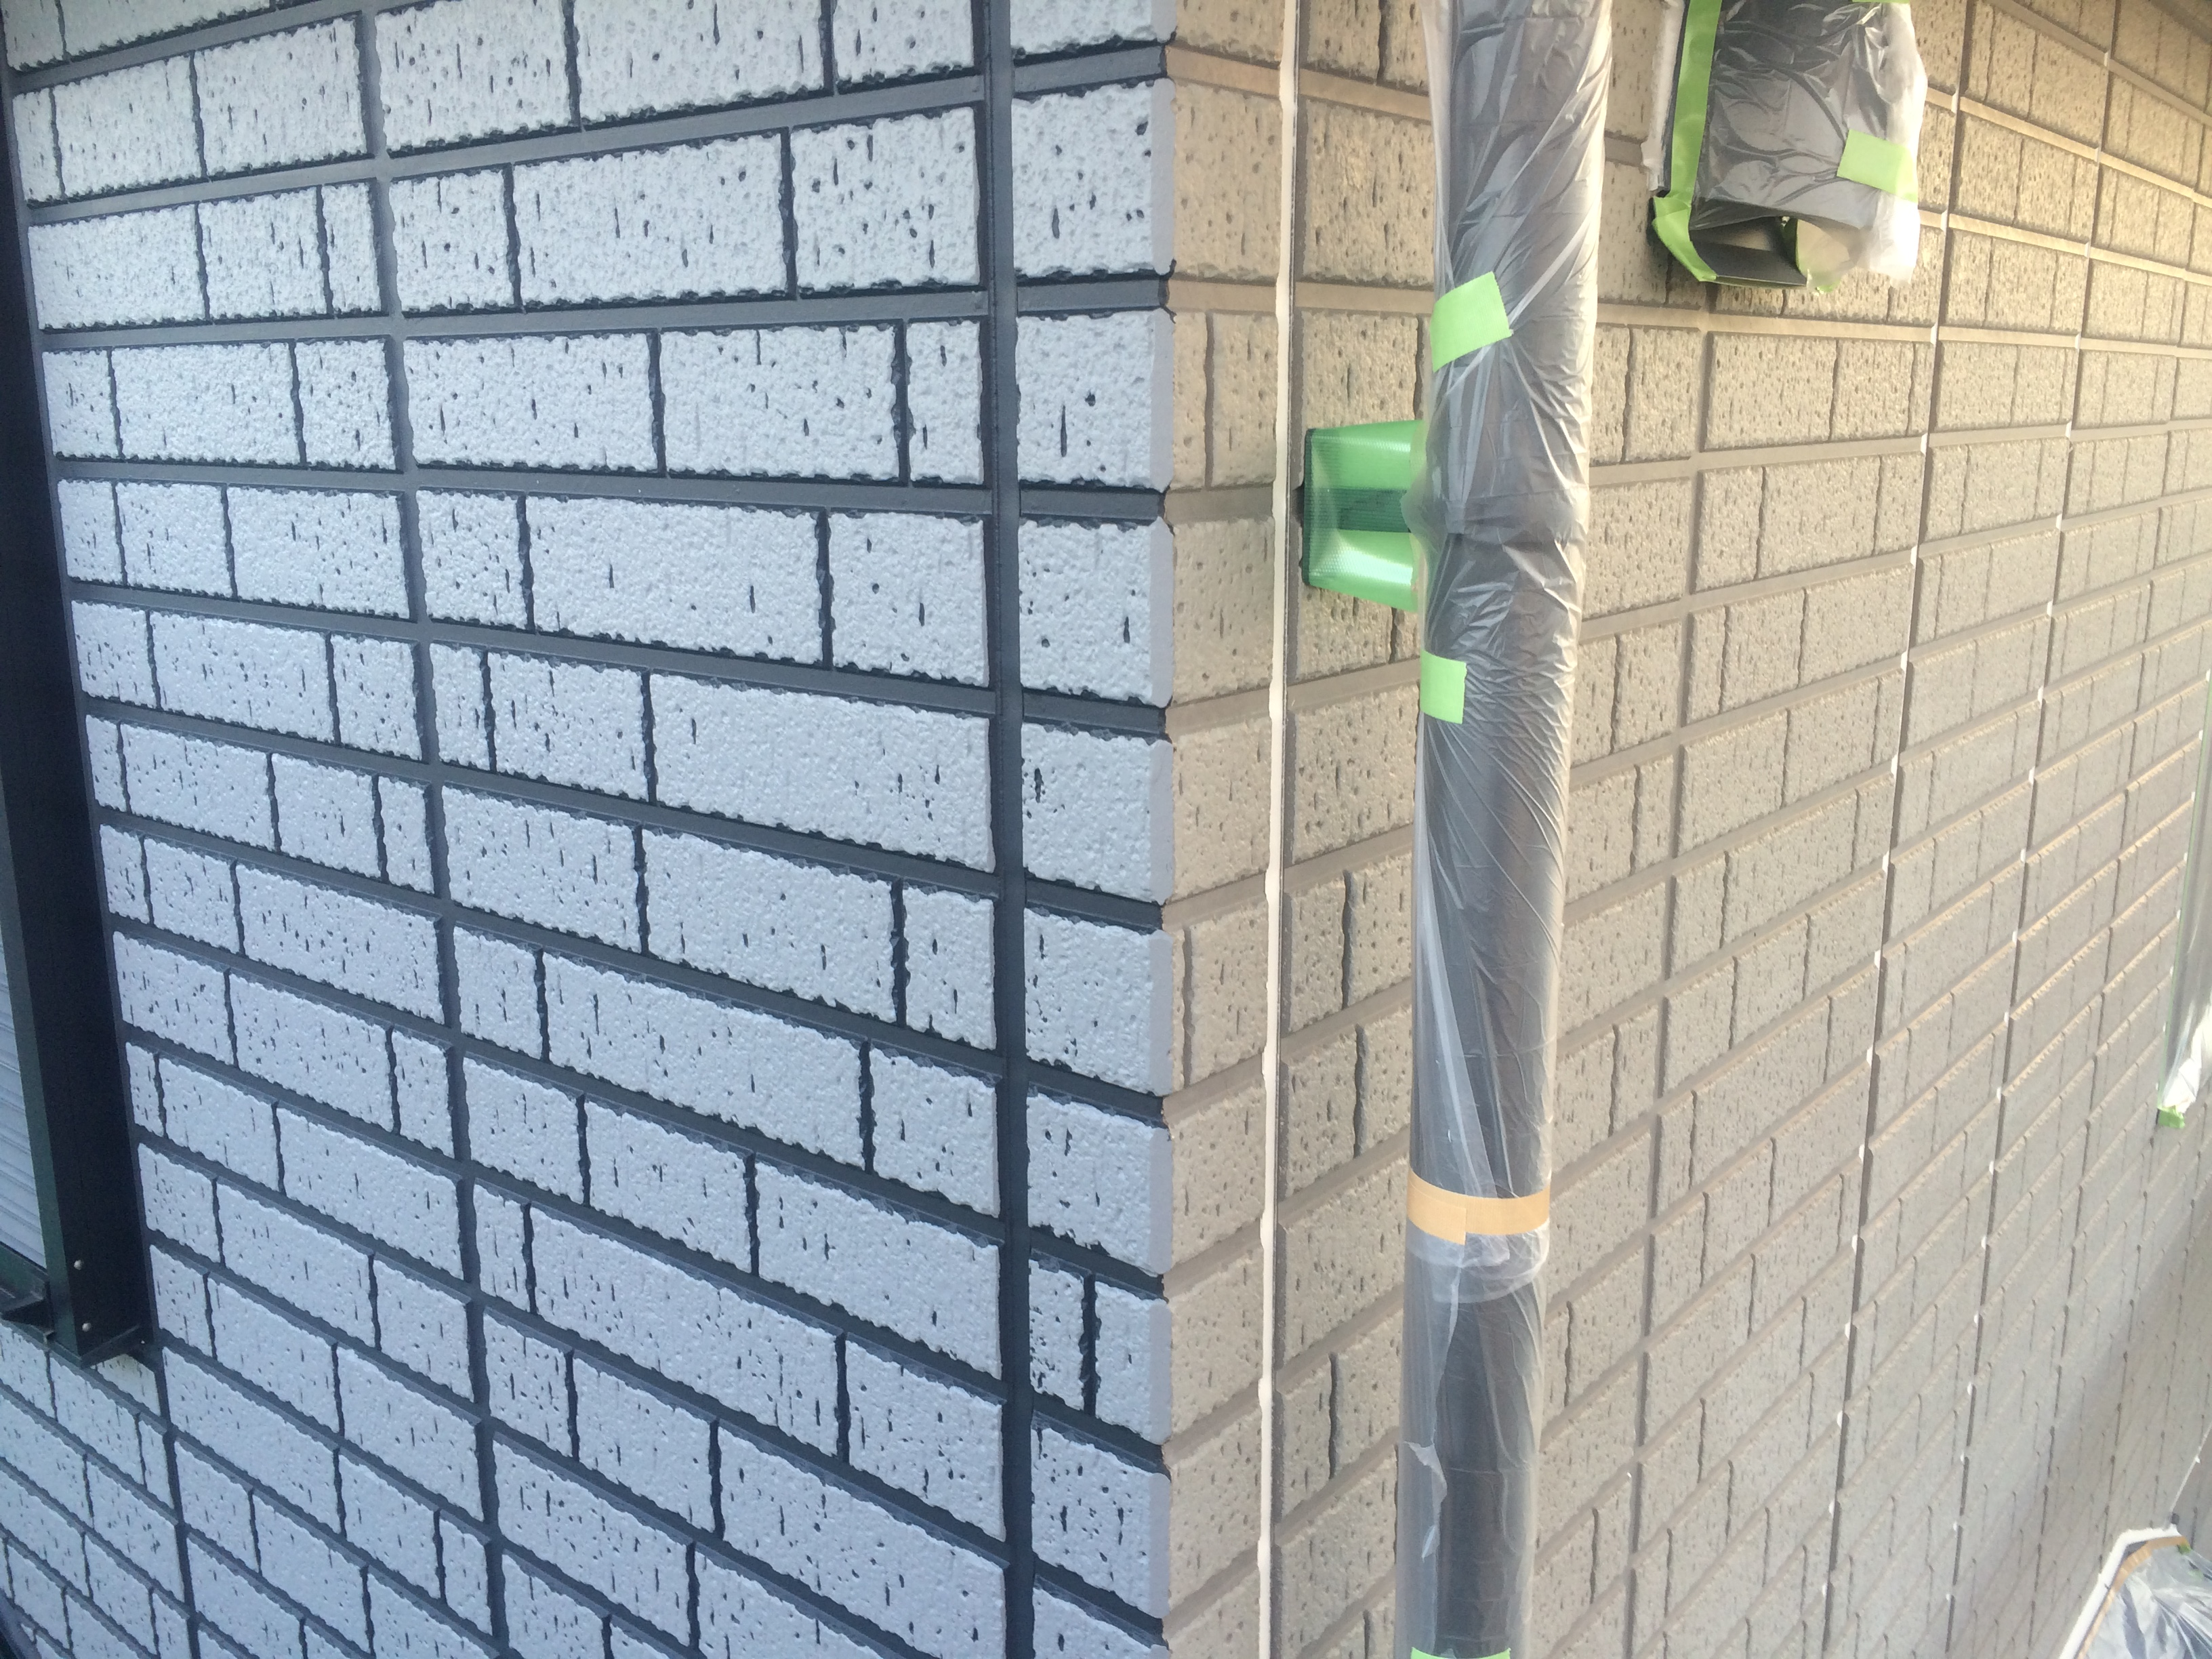 左半分がタイル調に塗装済みで右半分がこれから塗装する未塗装の面です。